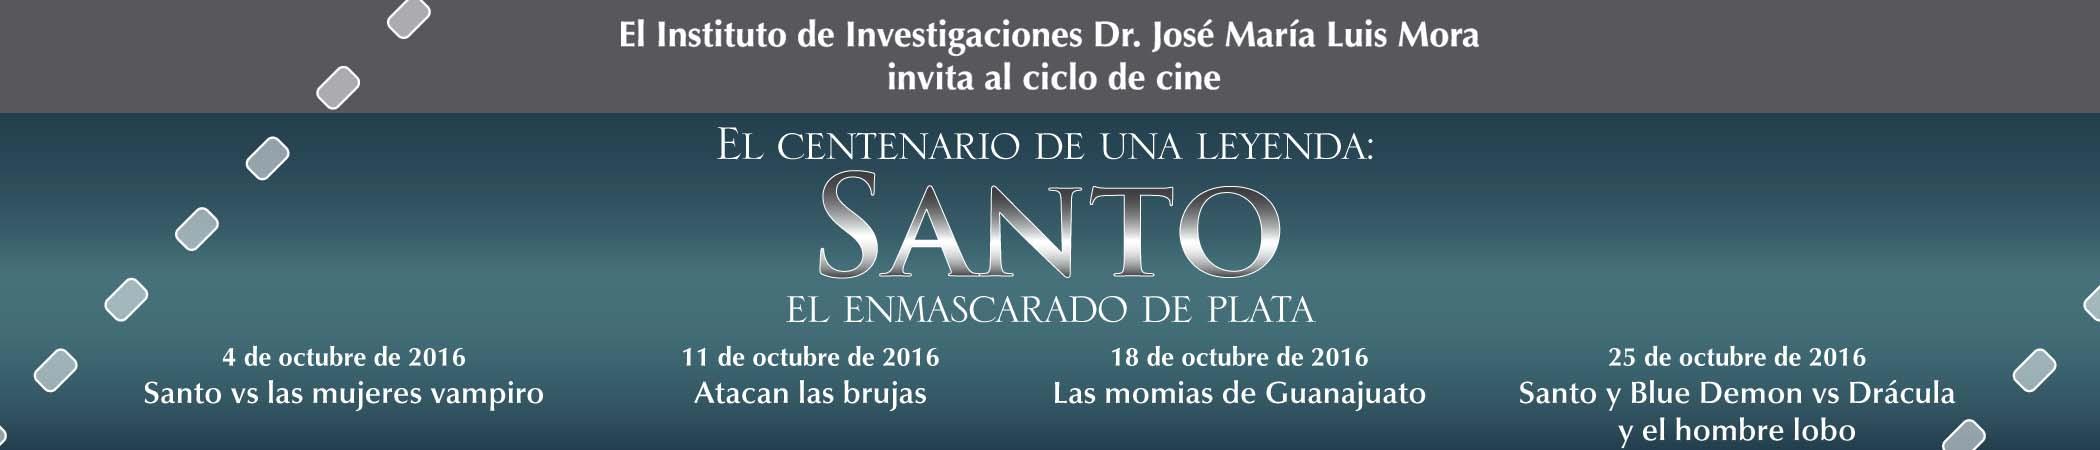 Martes de Cine Club El centenario de una leyenda: Santo, el enmascarado de plata